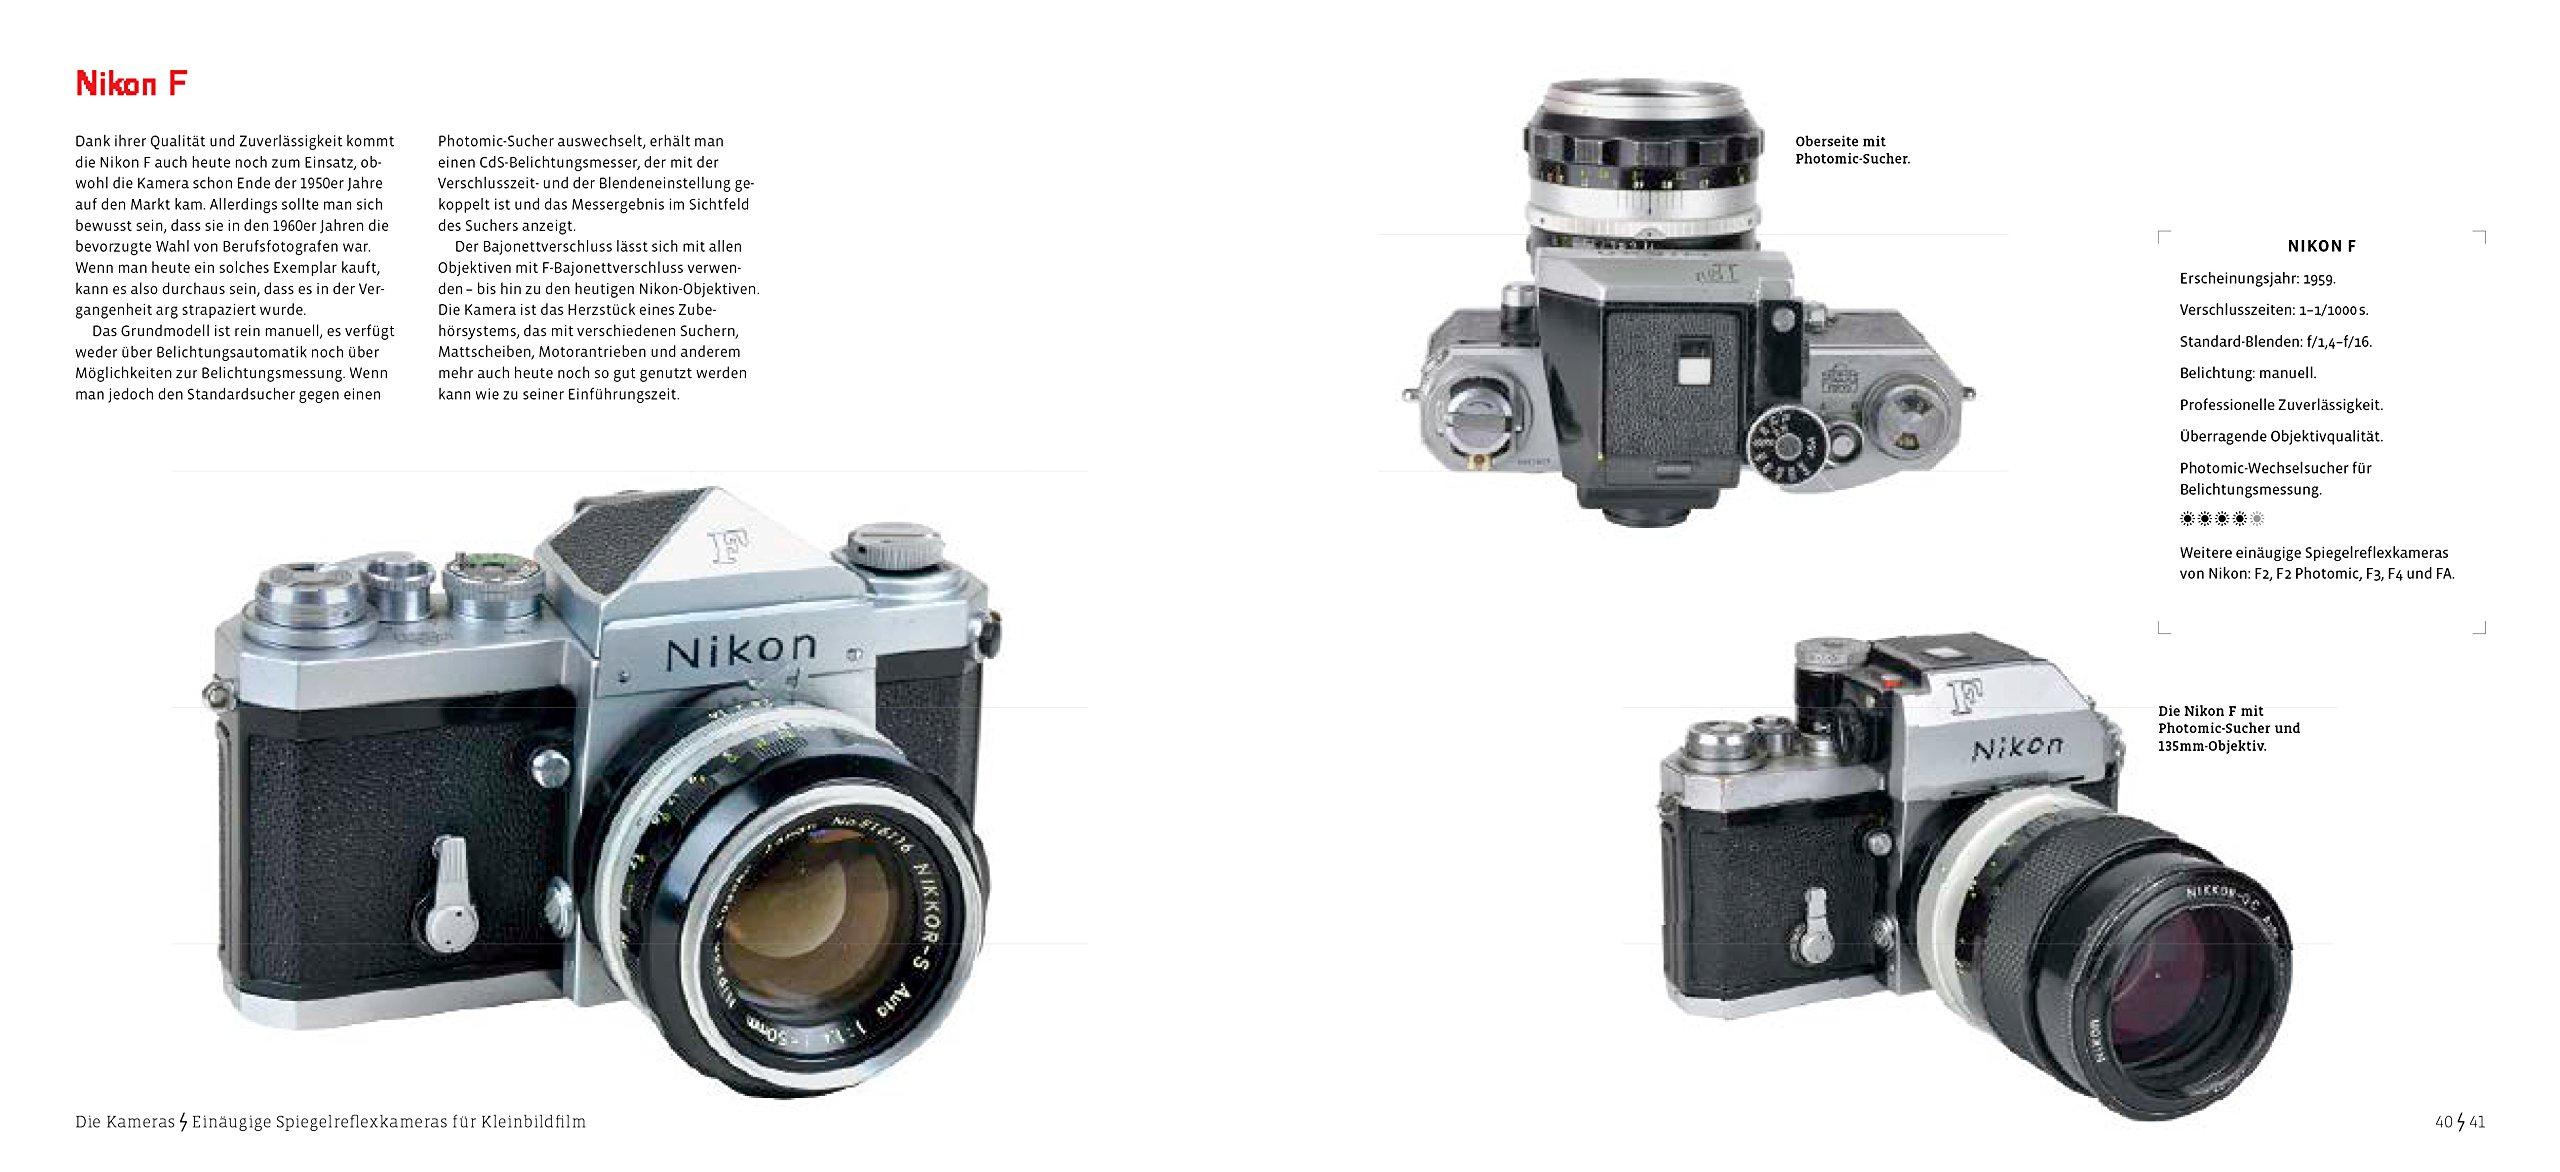 Weekly Nikon news flash #483 - Nikon Rumors